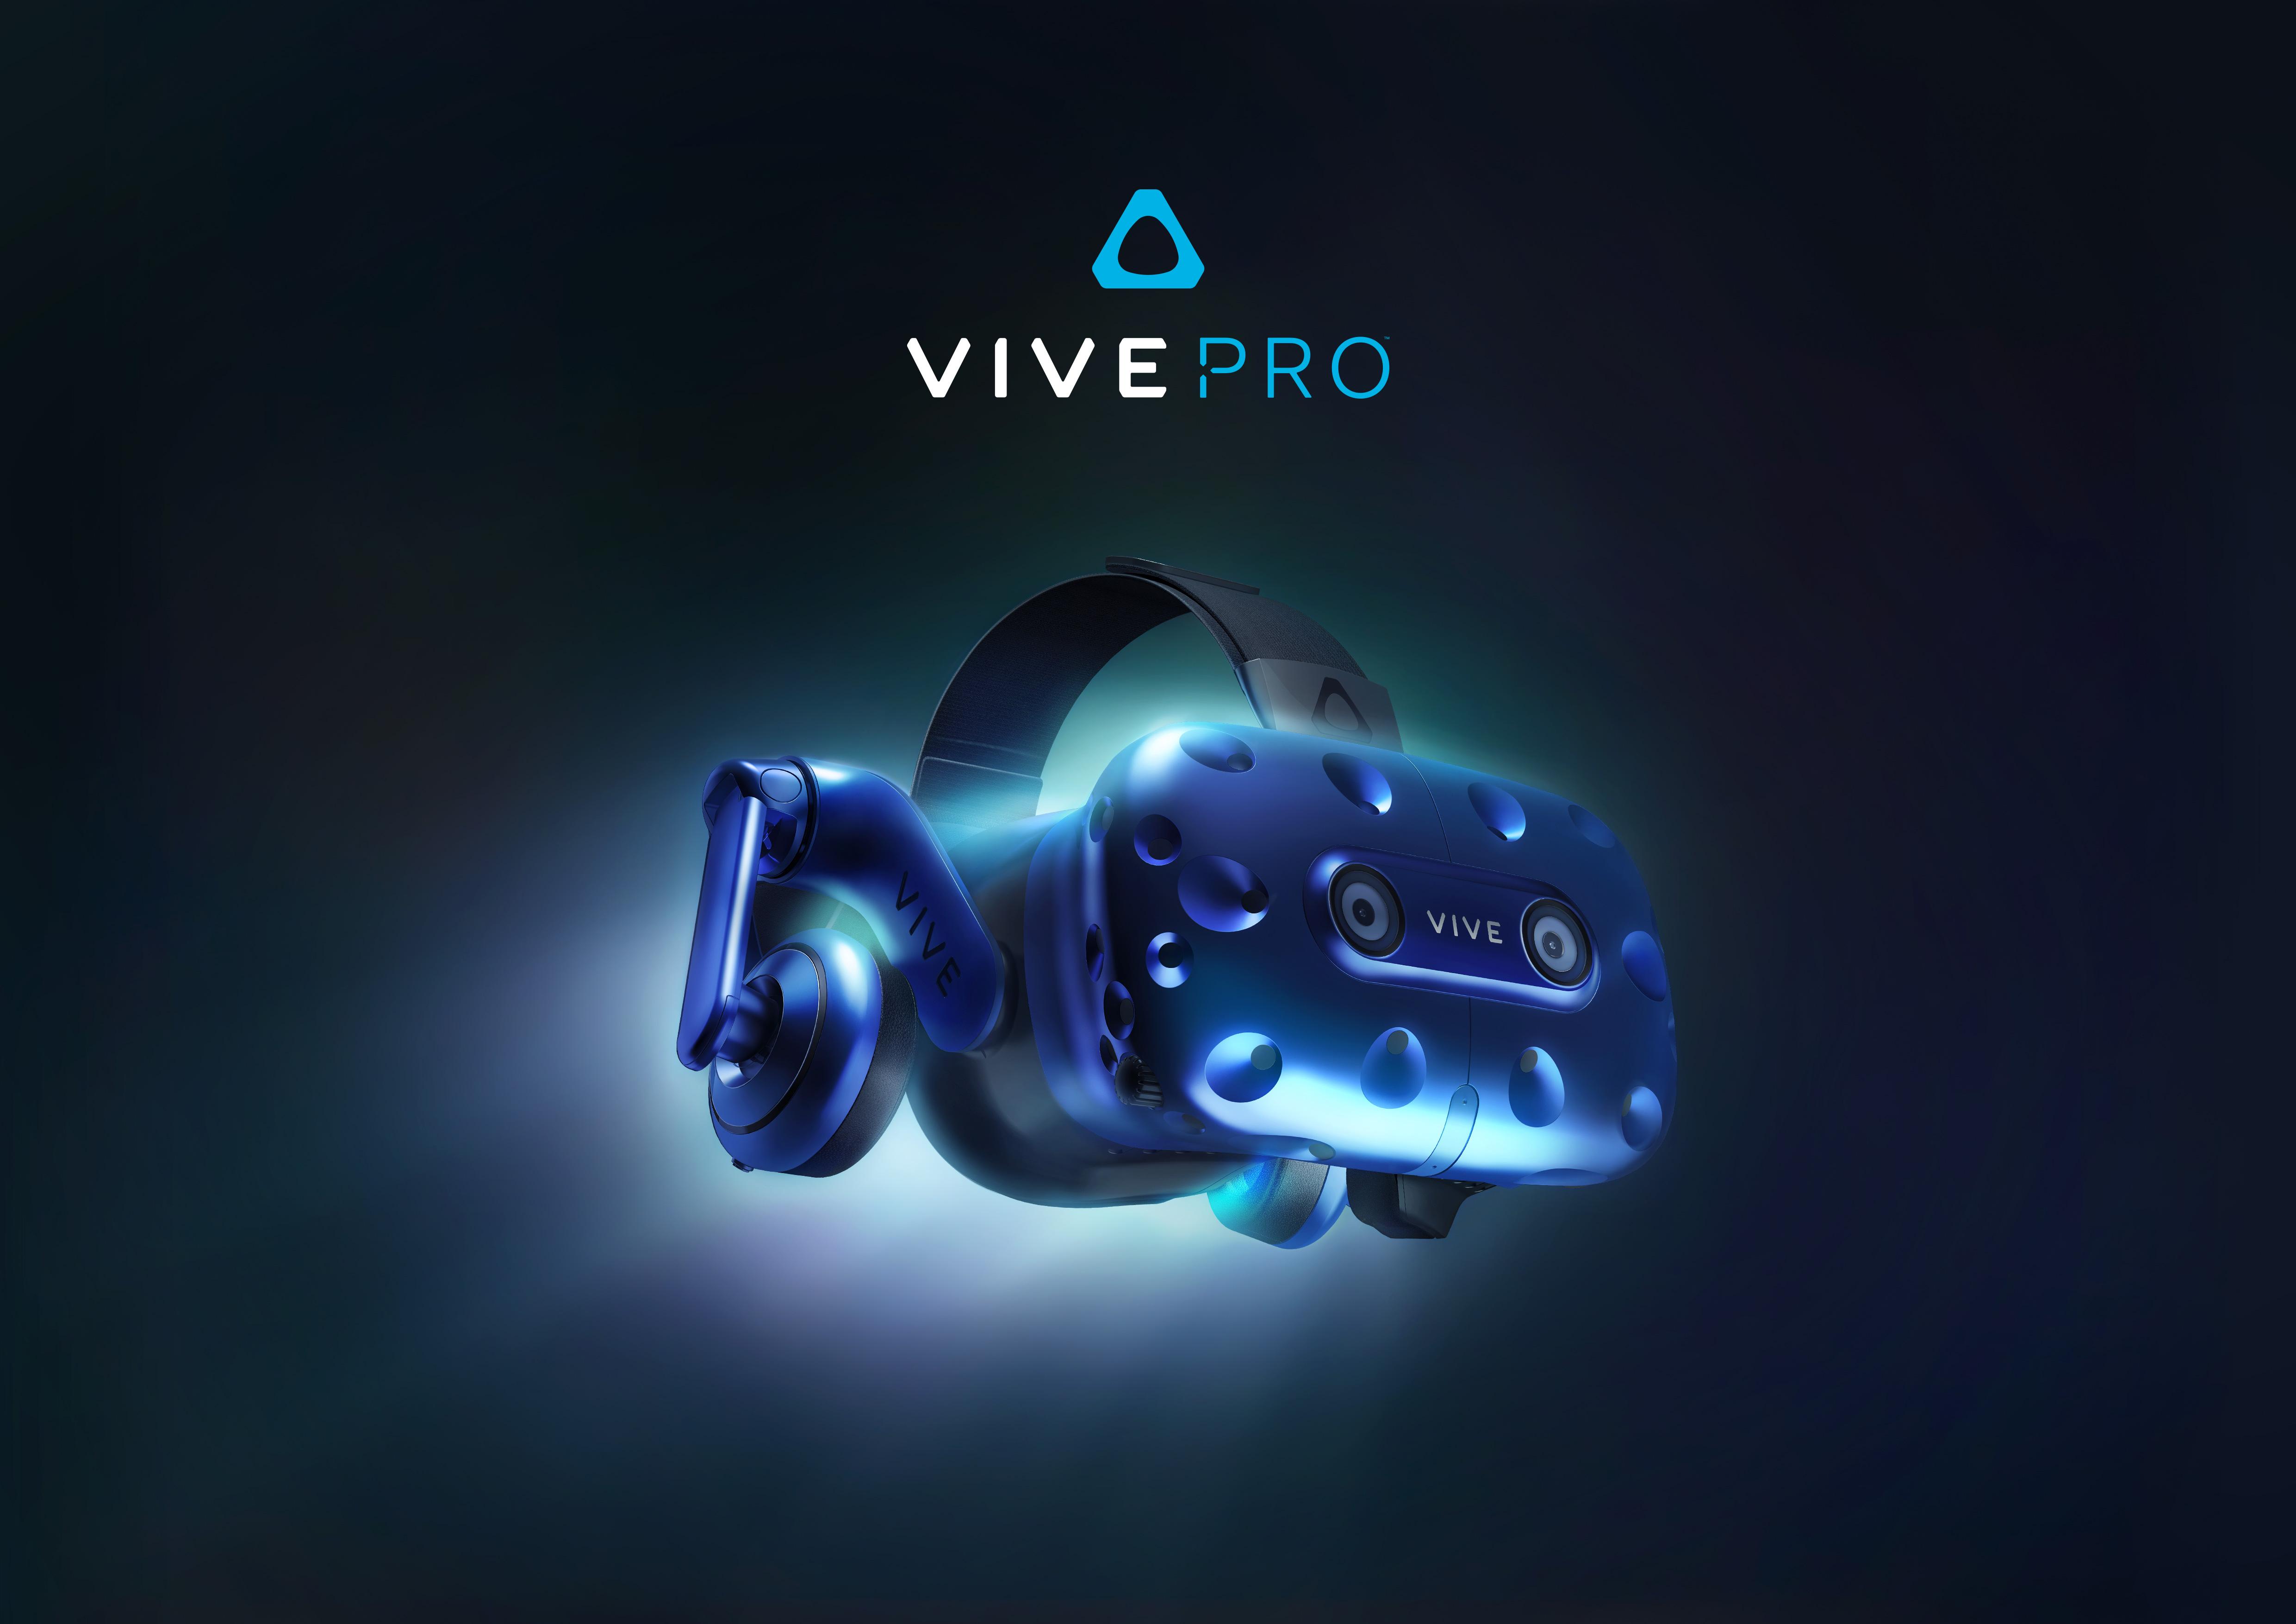 Le HTC Vive Pro est disponible en précommande!